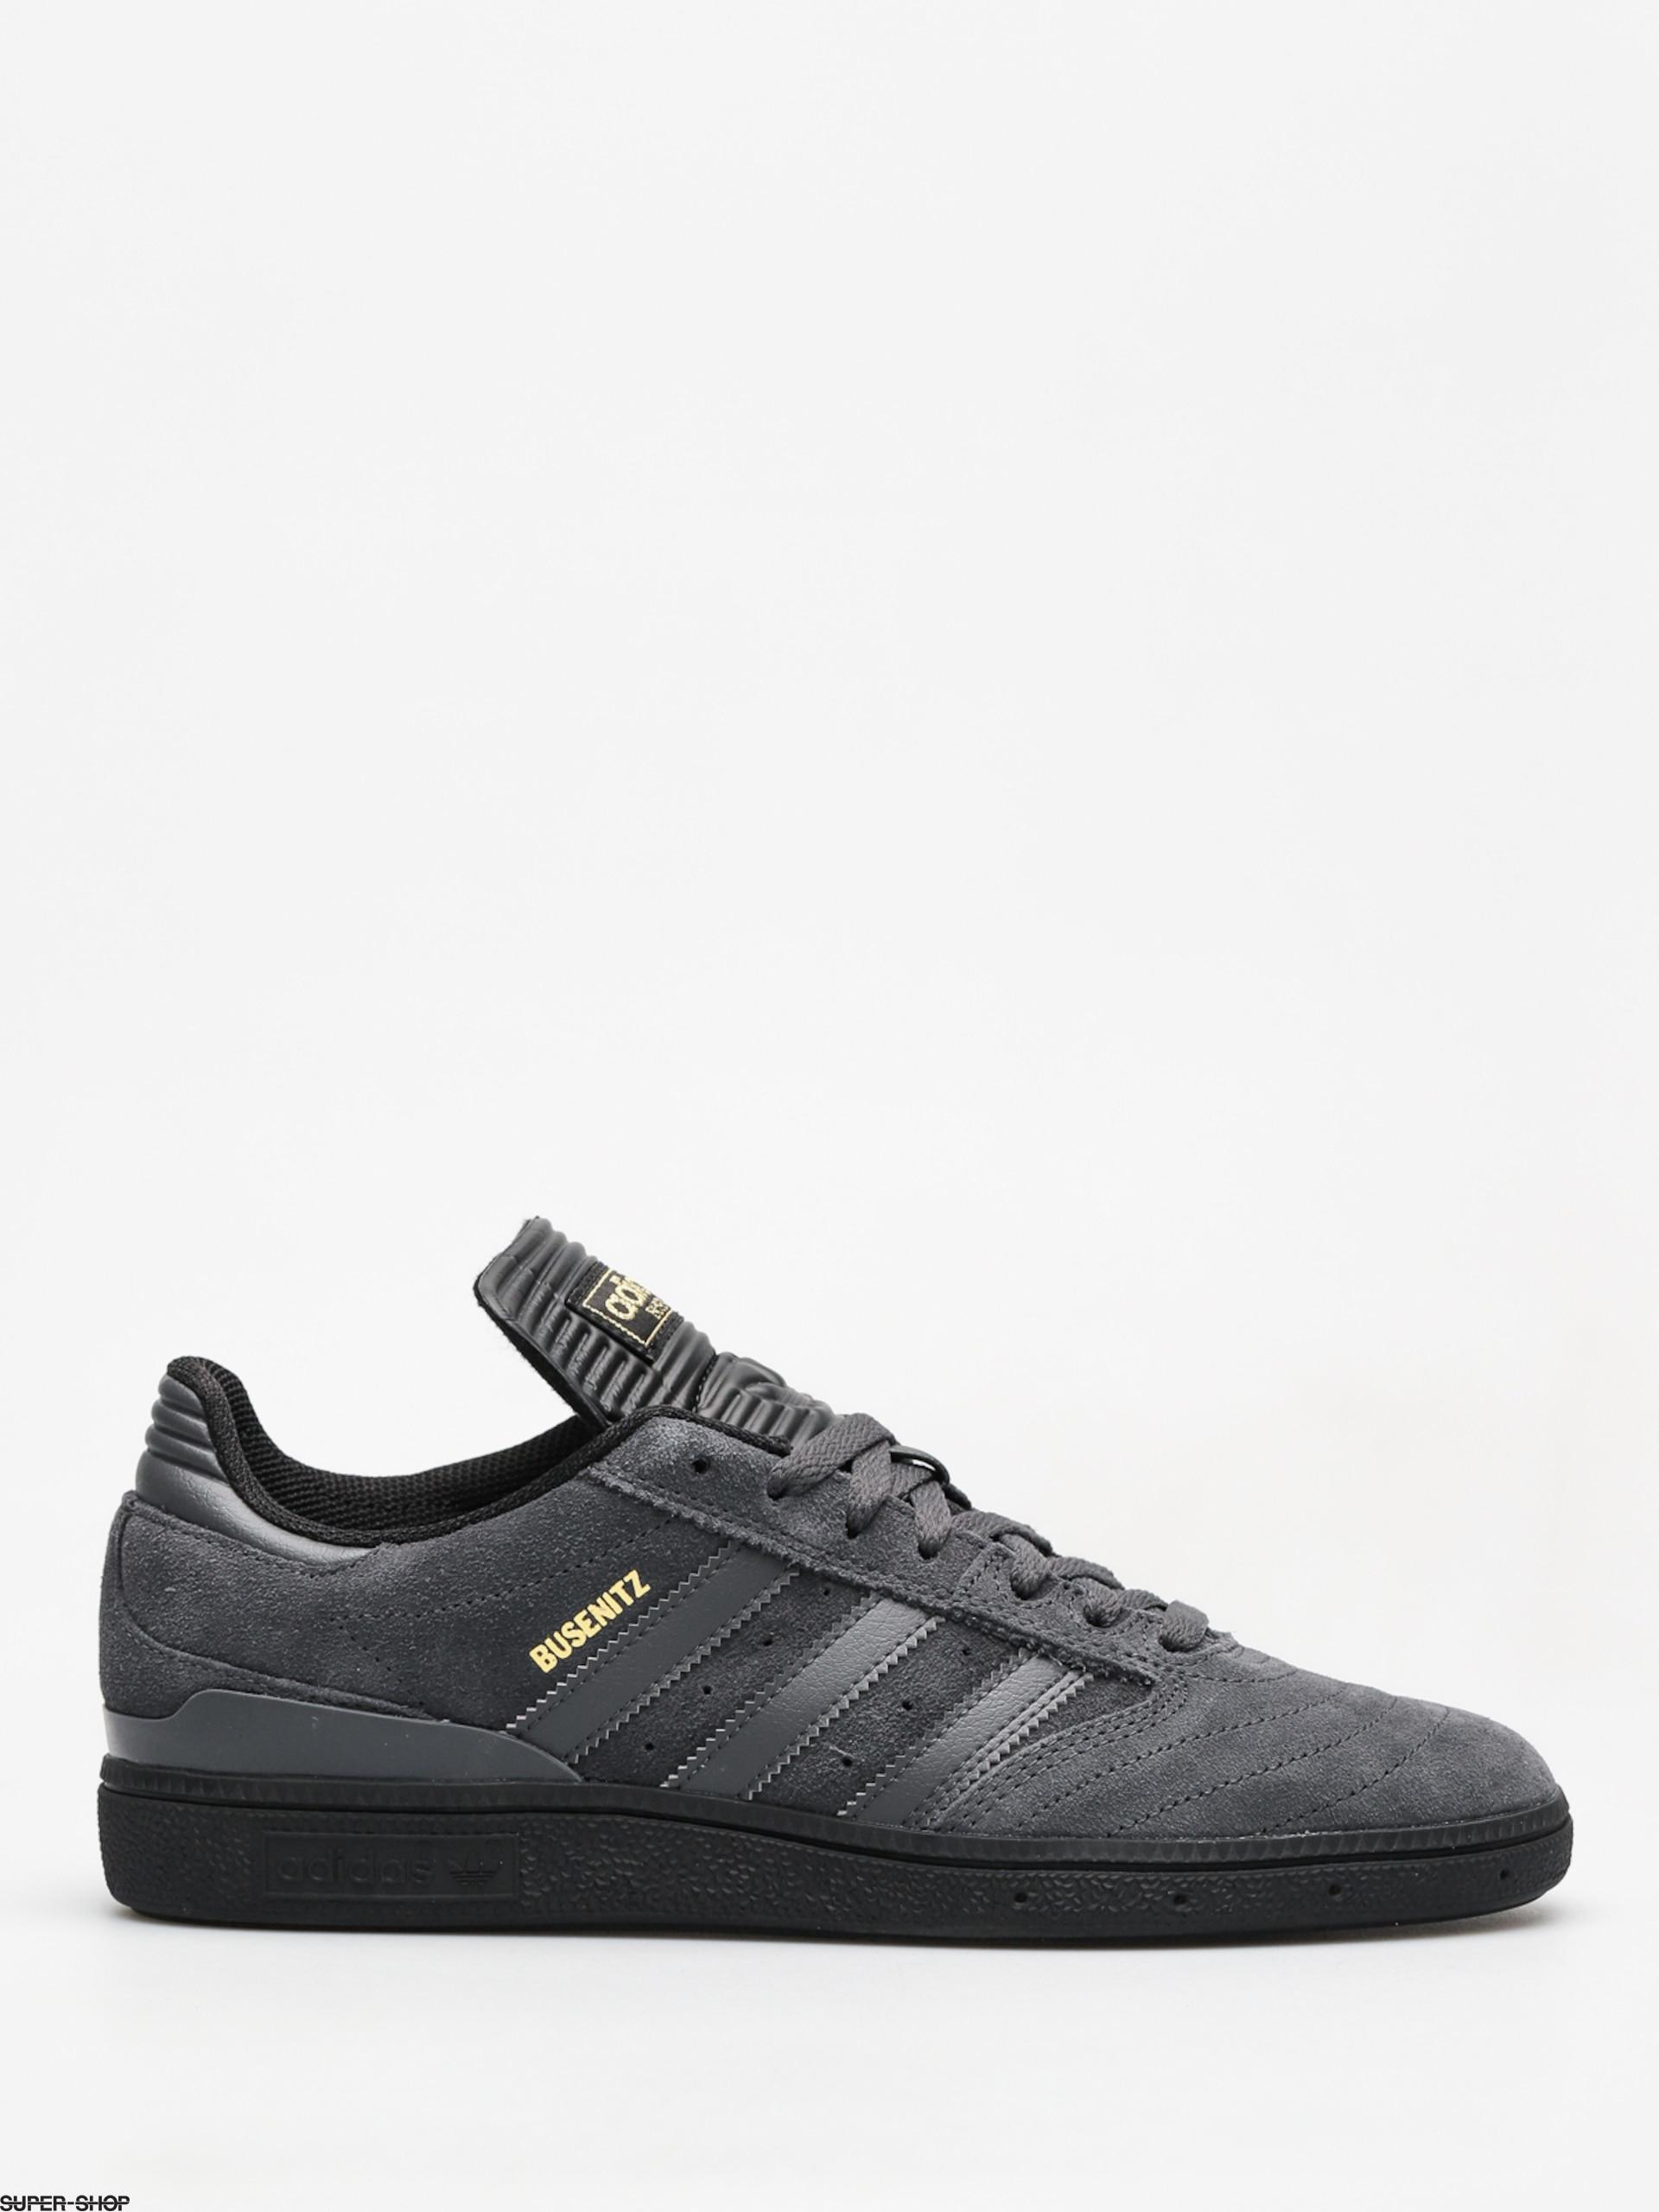 1d3ad33060 adidas Shoes Busenitz (dgh solid grey core black gold foil)